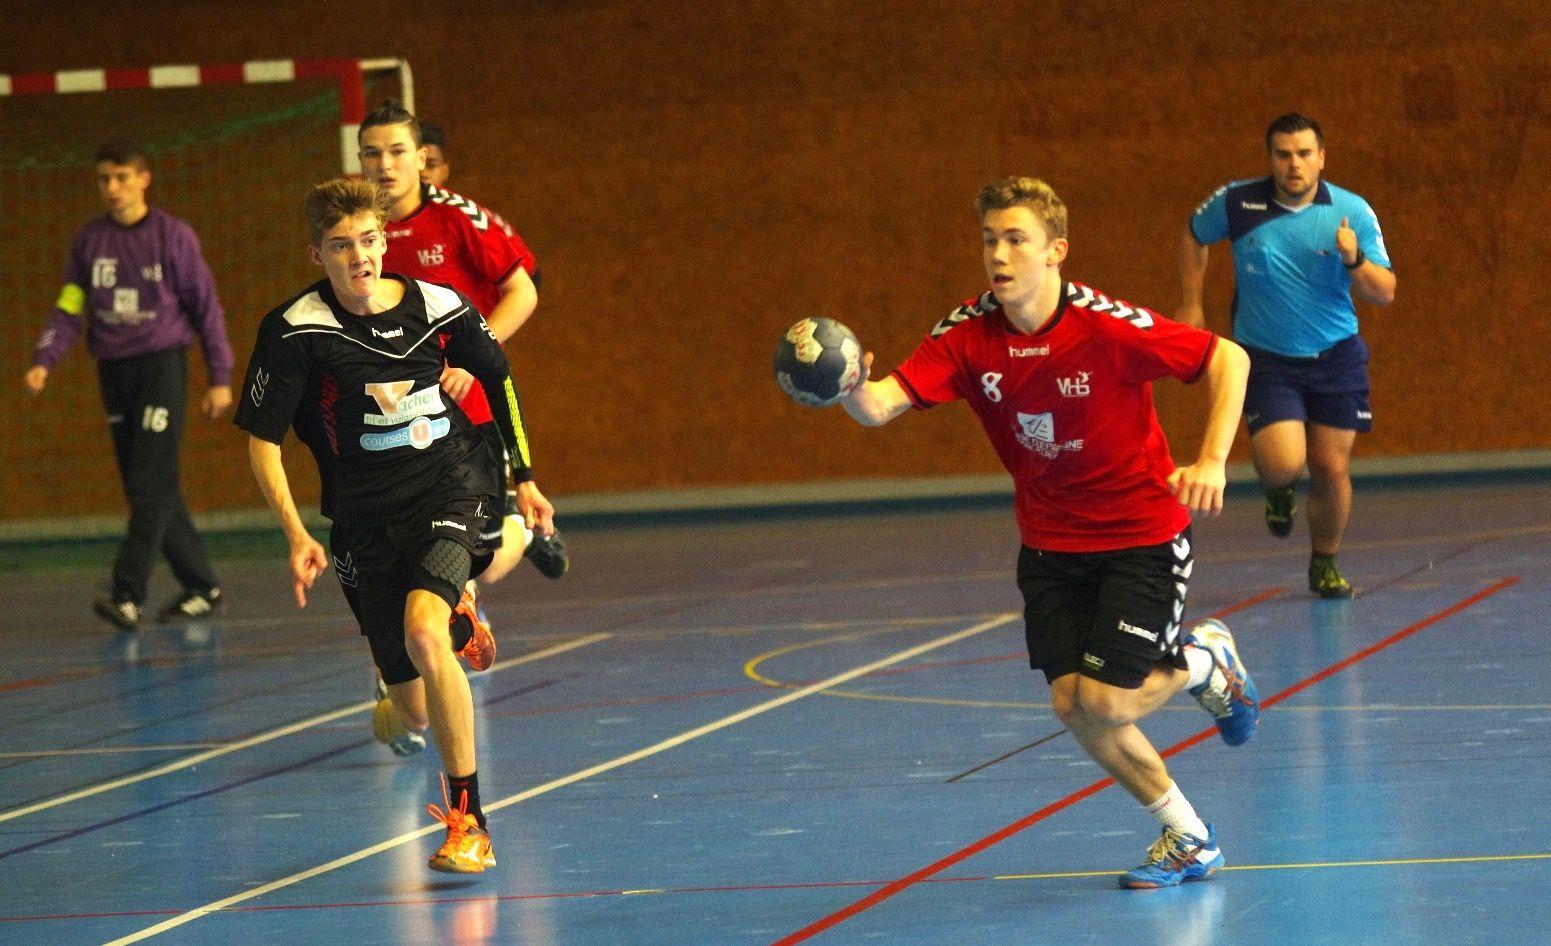 Les moins de 18 ans de Vénissieux Handball qualifiés pour les quart de finale du Champinnat de France Excellence